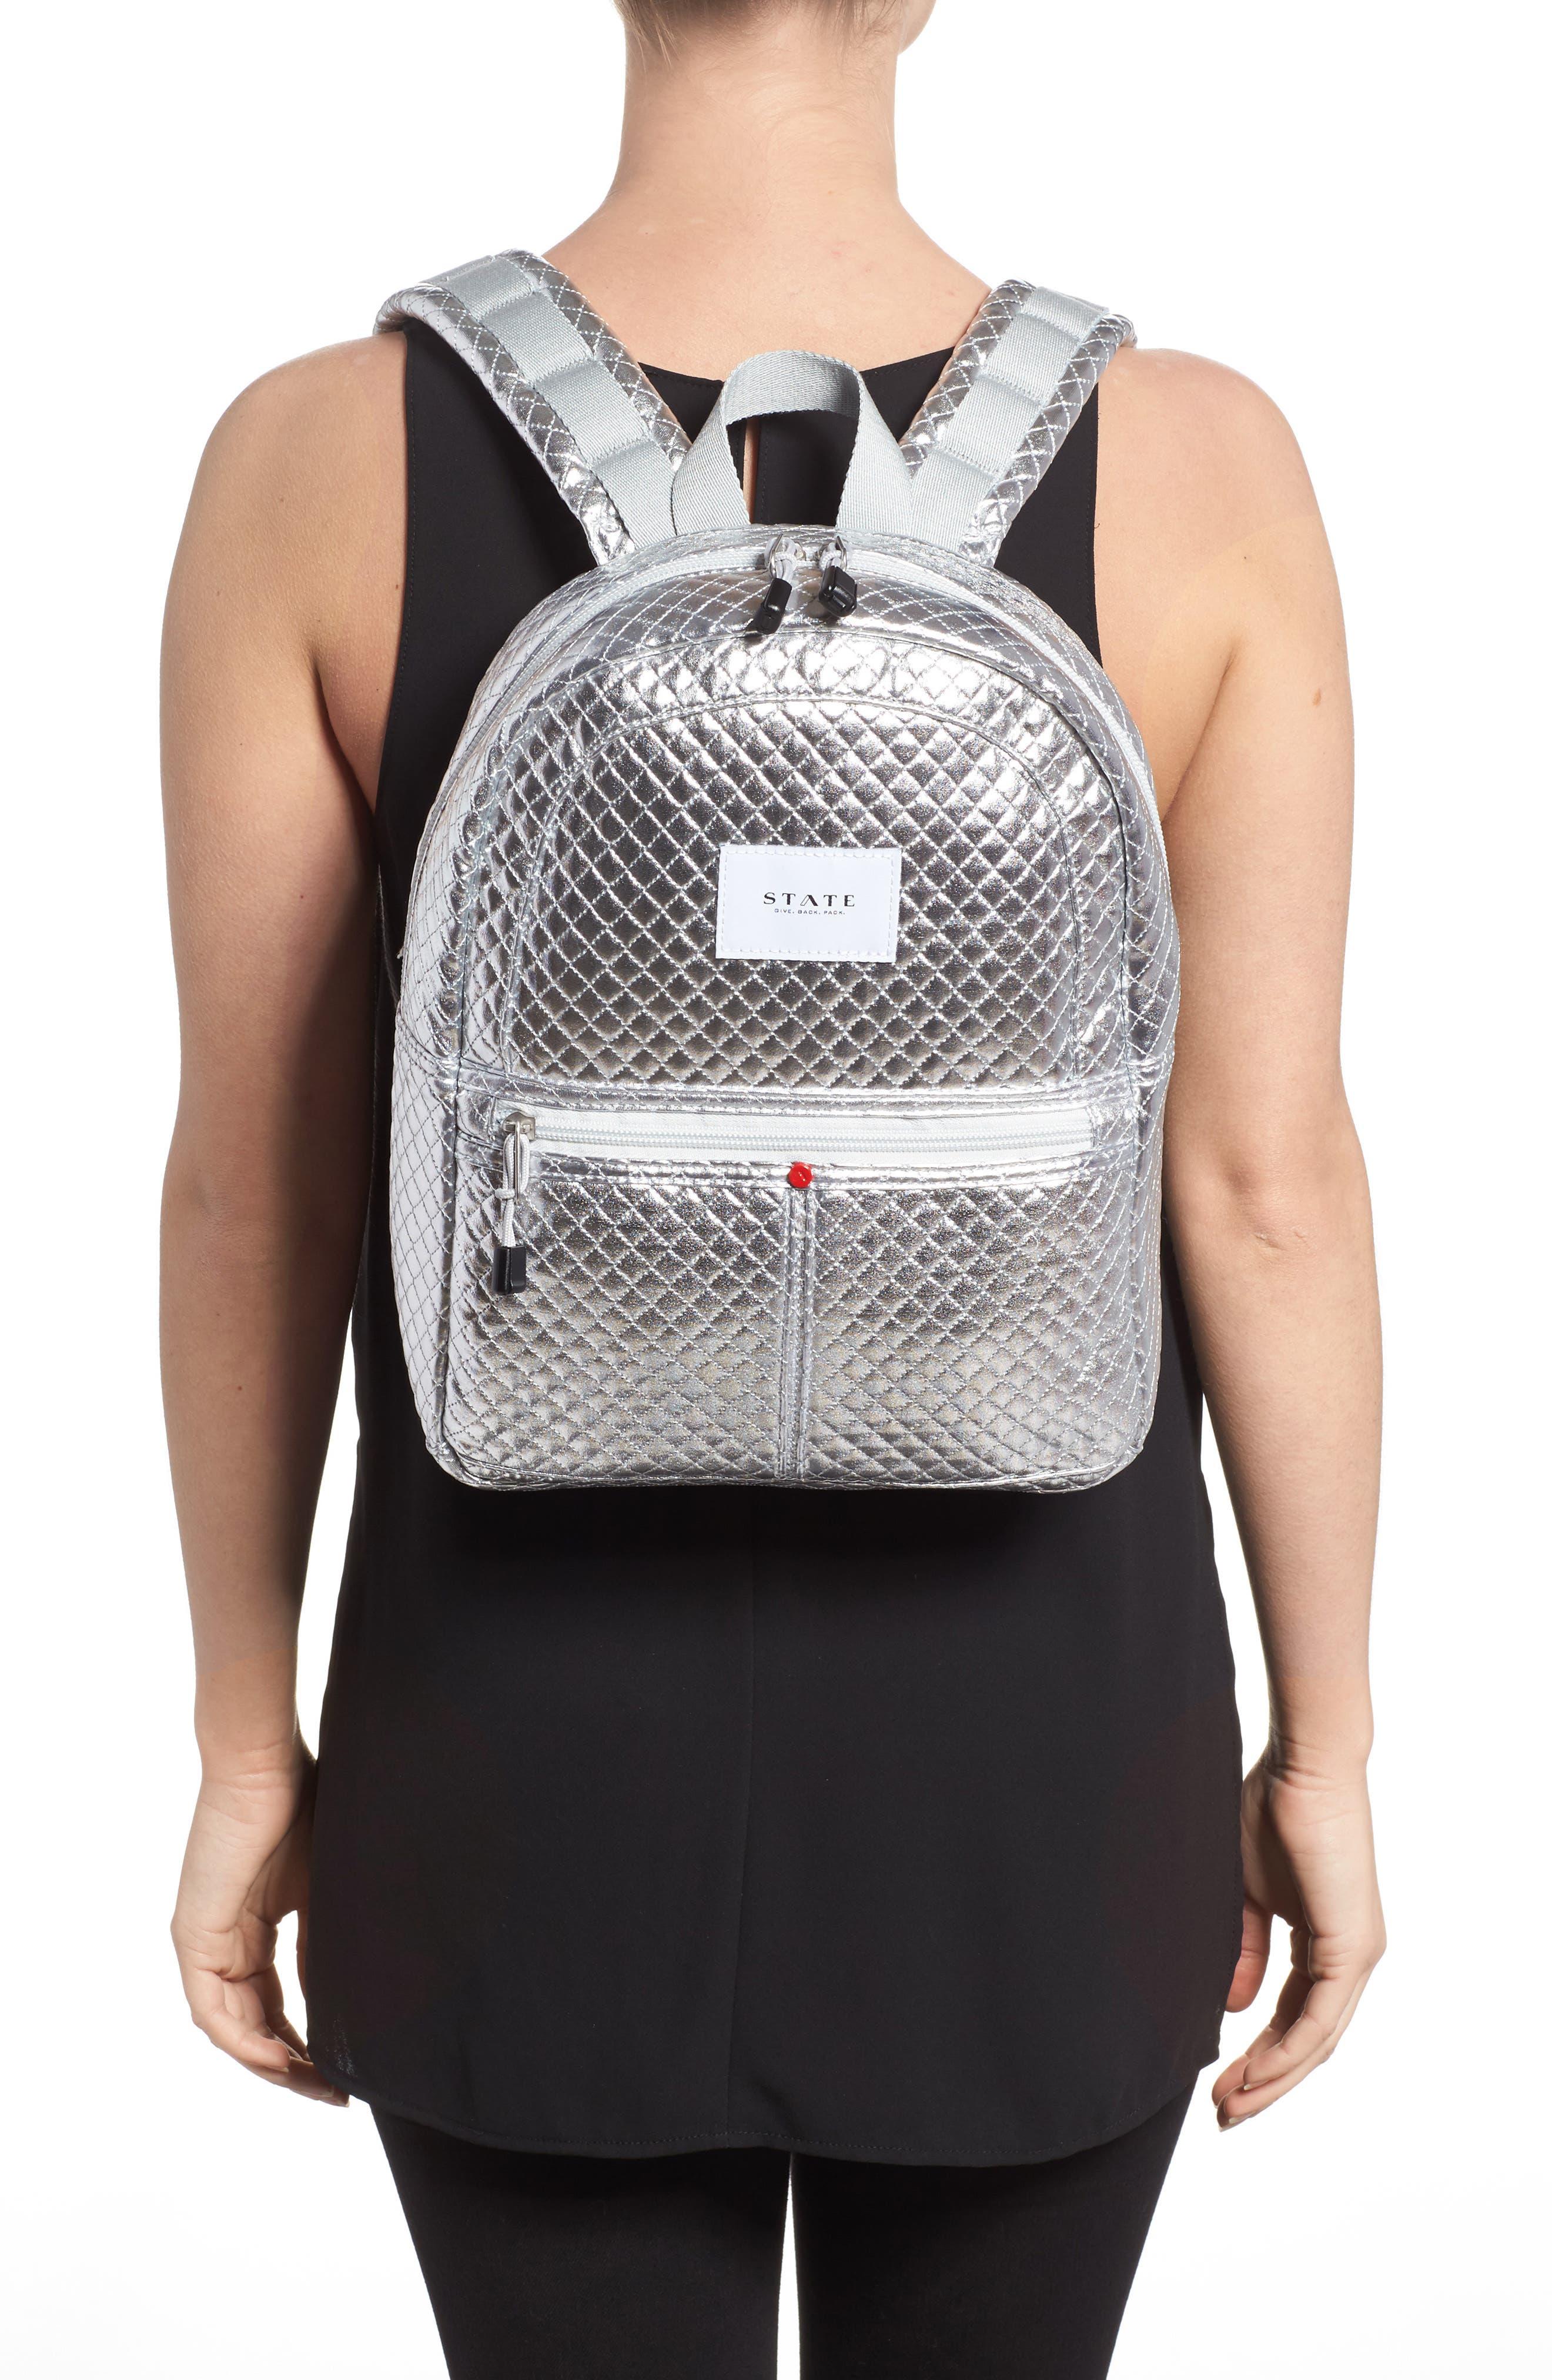 Flatbush Mini Kane Backpack,                             Alternate thumbnail 2, color,